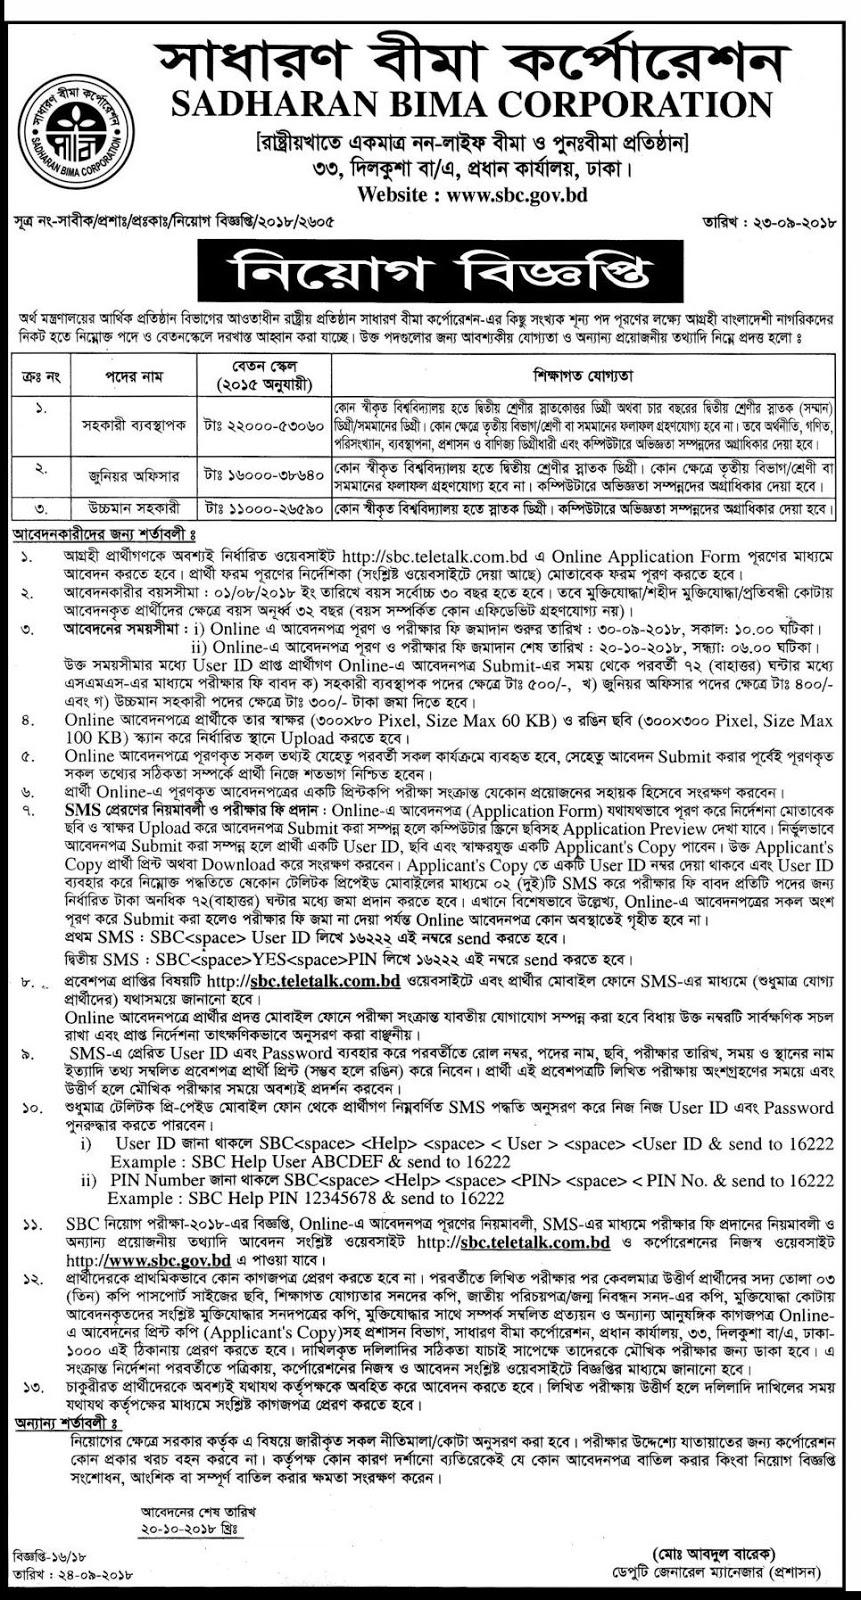 Sadharan Bima Corporation Job Circular 2018